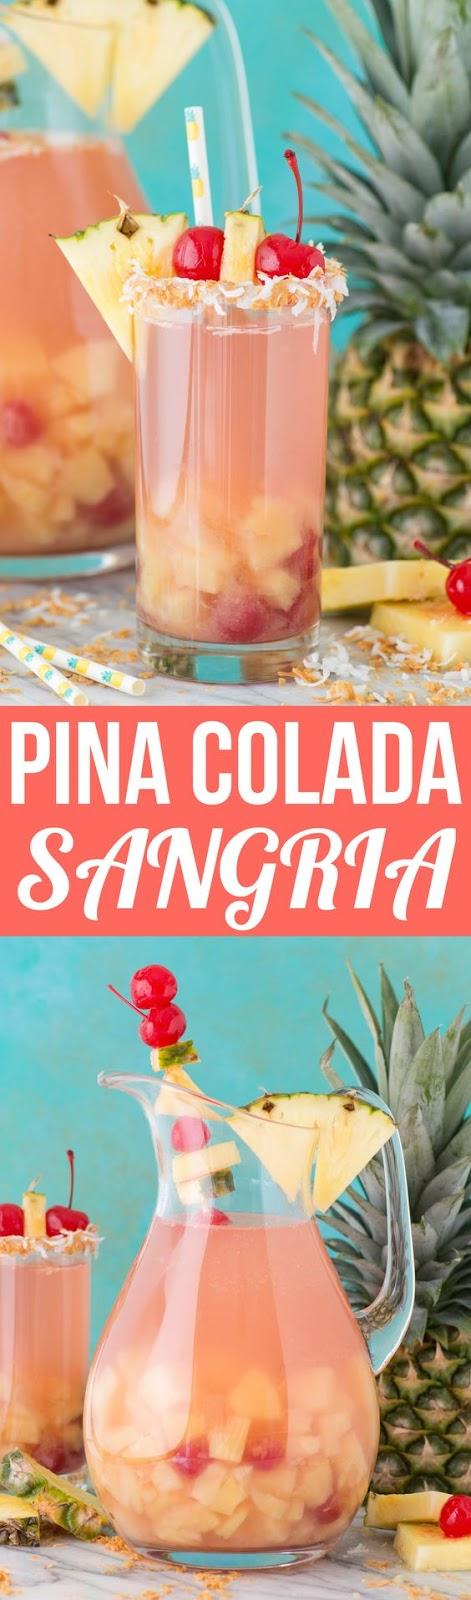 The Best Pina Colada Sangria